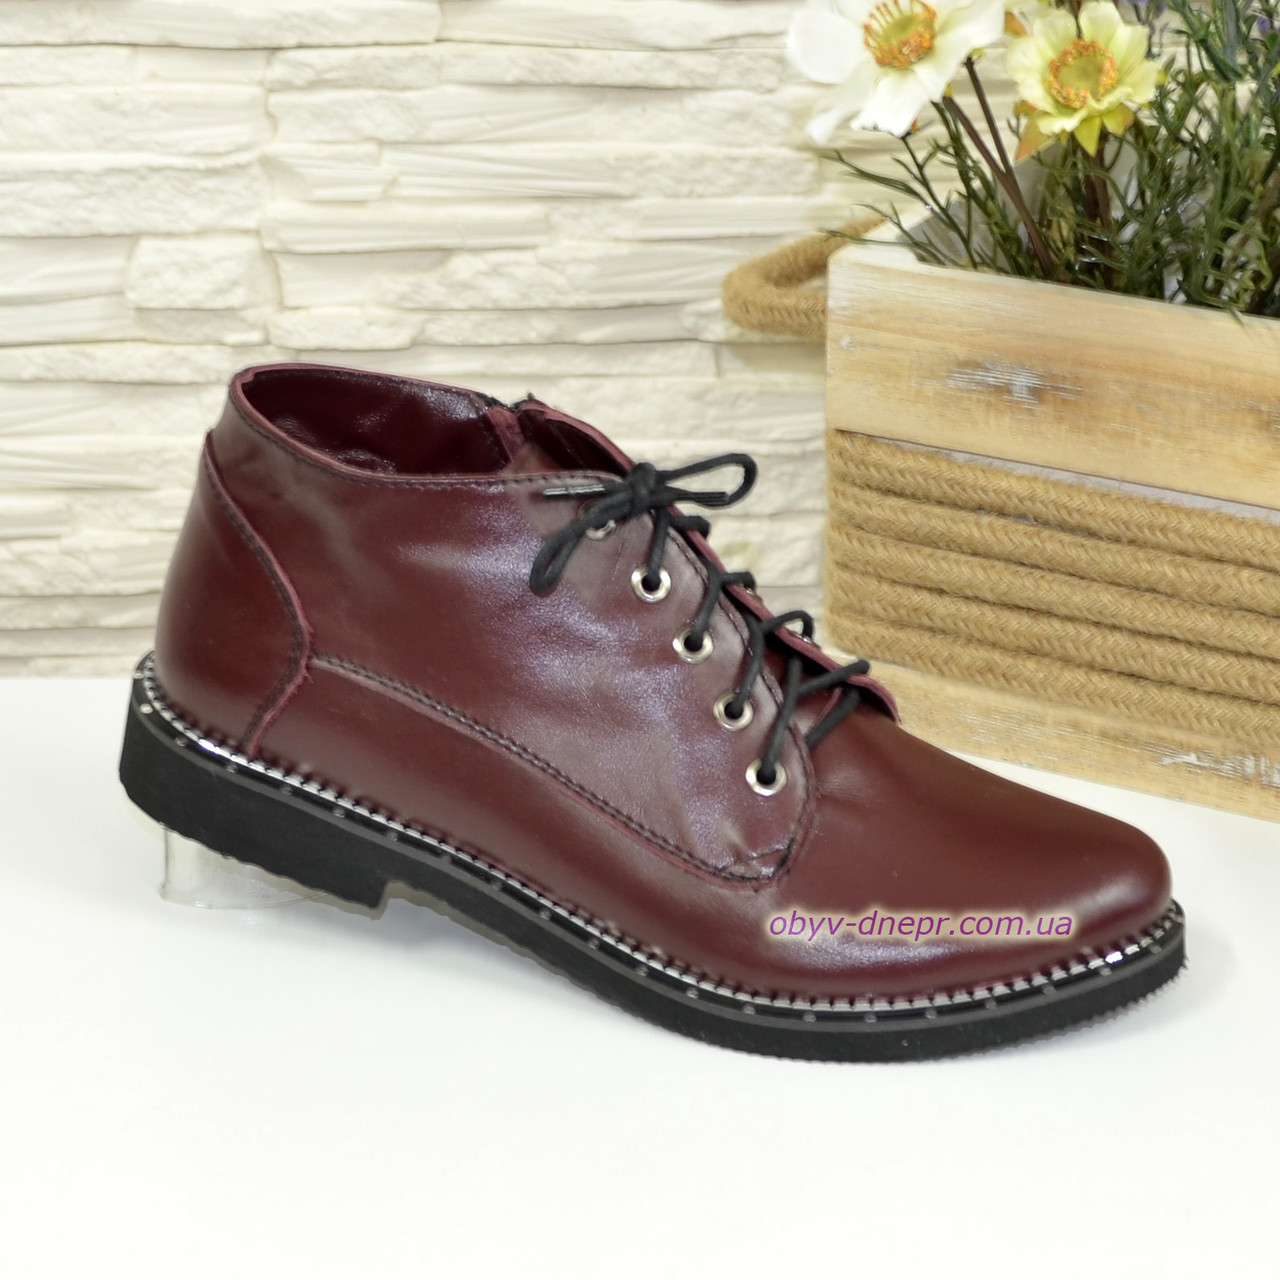 b95752873 Стильные женские демисезонные кожаные ботинки, цвет бордо. 37 размер -  Интернет-магазин